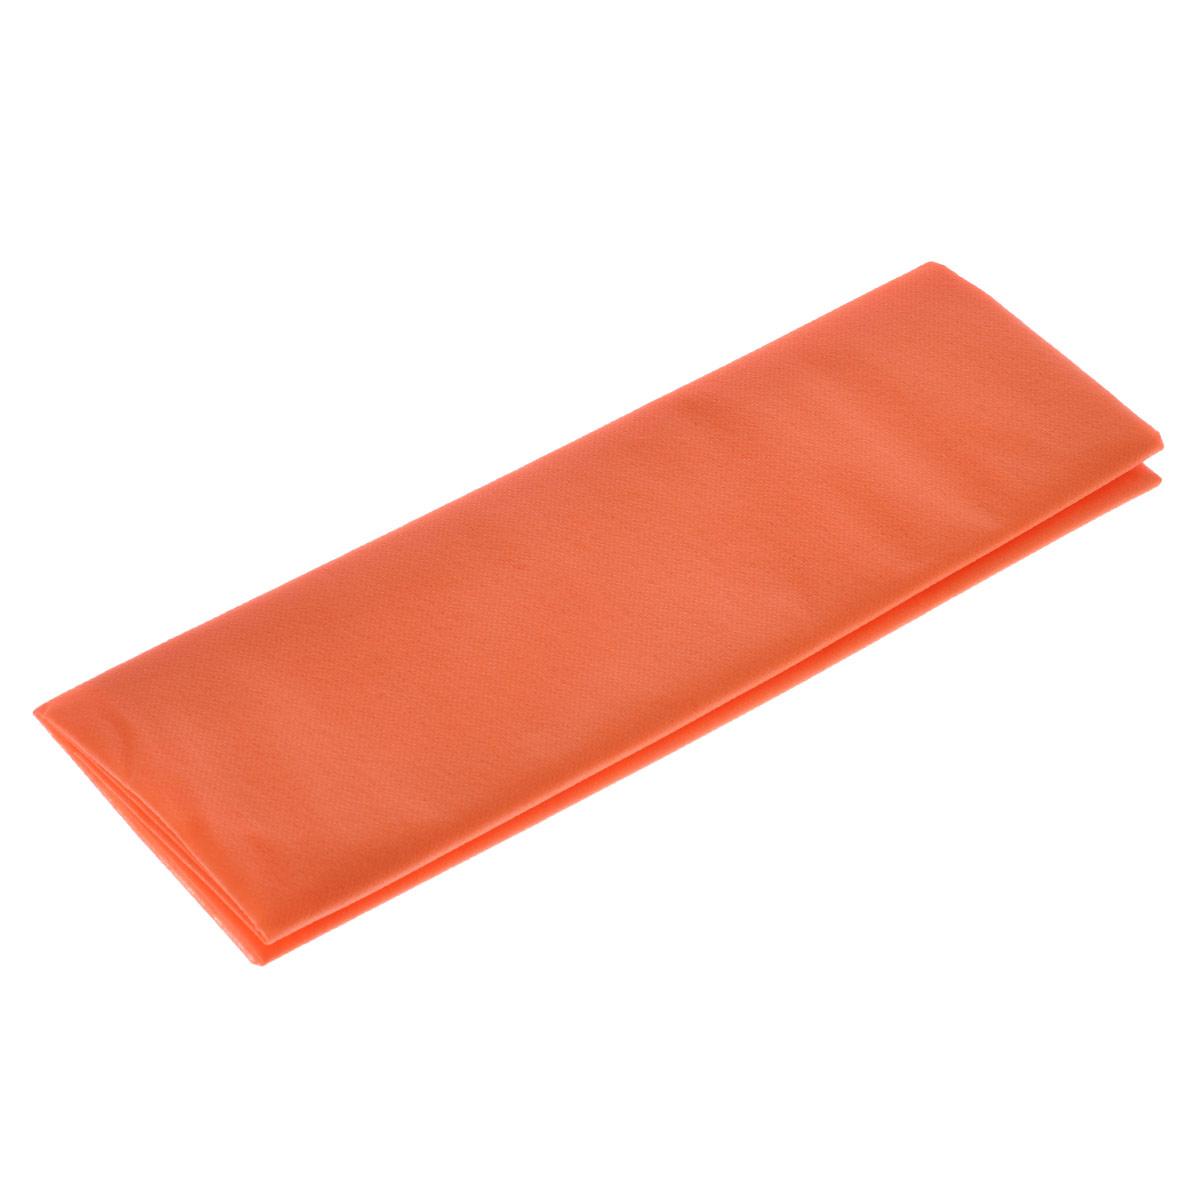 Скатерть одноразовая La Chista, цвет: оранжевый, 110x 140 см97526Одноразовая скатерть La Chista выполнена из нетканого материала типа спанбонд. Удобна в применении дома и на природе. Скатерть защищает поверхности от царапин. Прекрасно подойдет для шумной вечеринки, на которой можно запросто испортить скатерть вином, жирной едой. Добавляет ярких красок любому мероприятию.